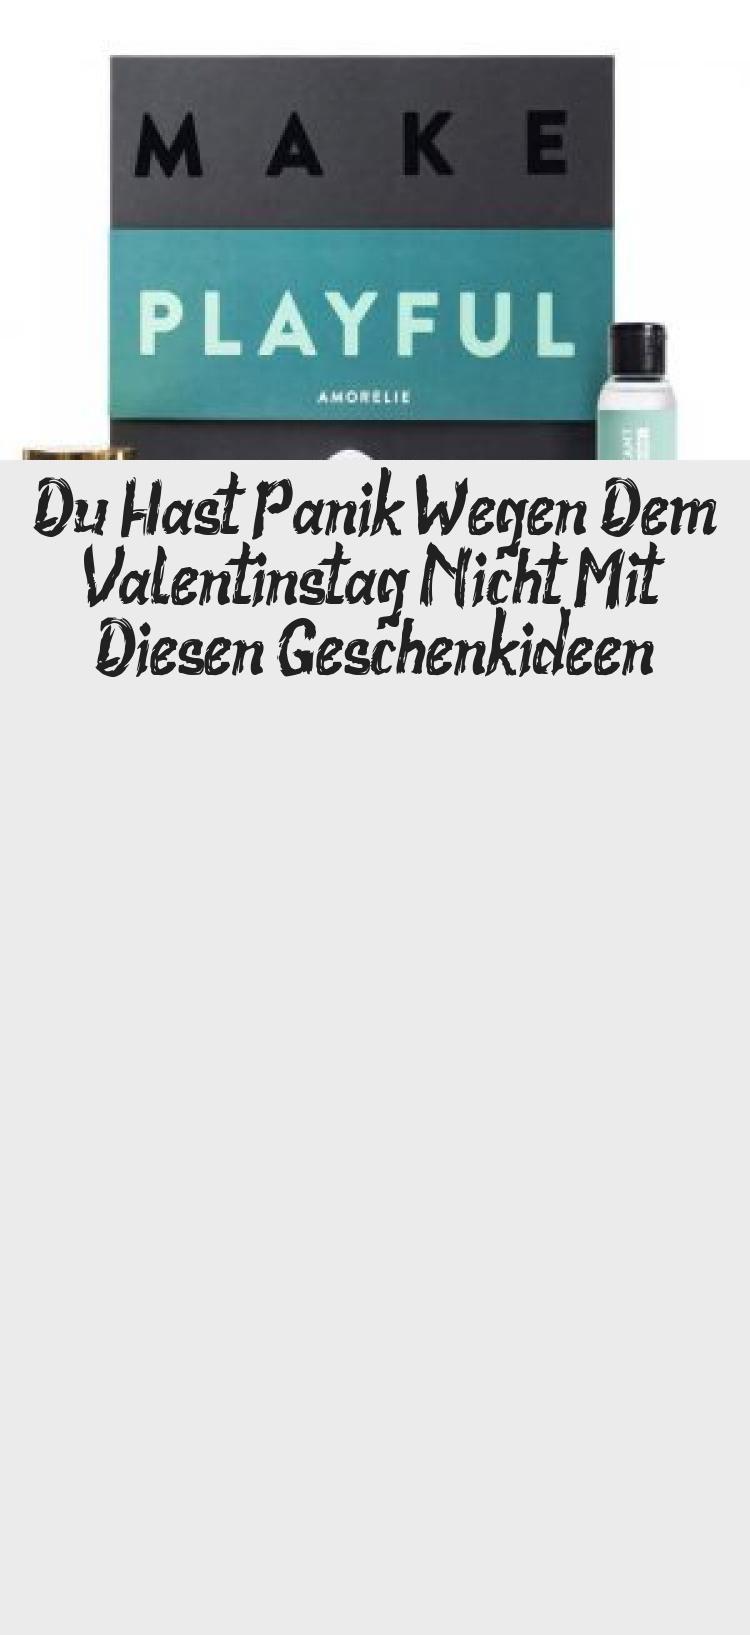 Du Hast Panik Wegen Dem Valentinstag Nicht Mit Diesen Geschenkideen